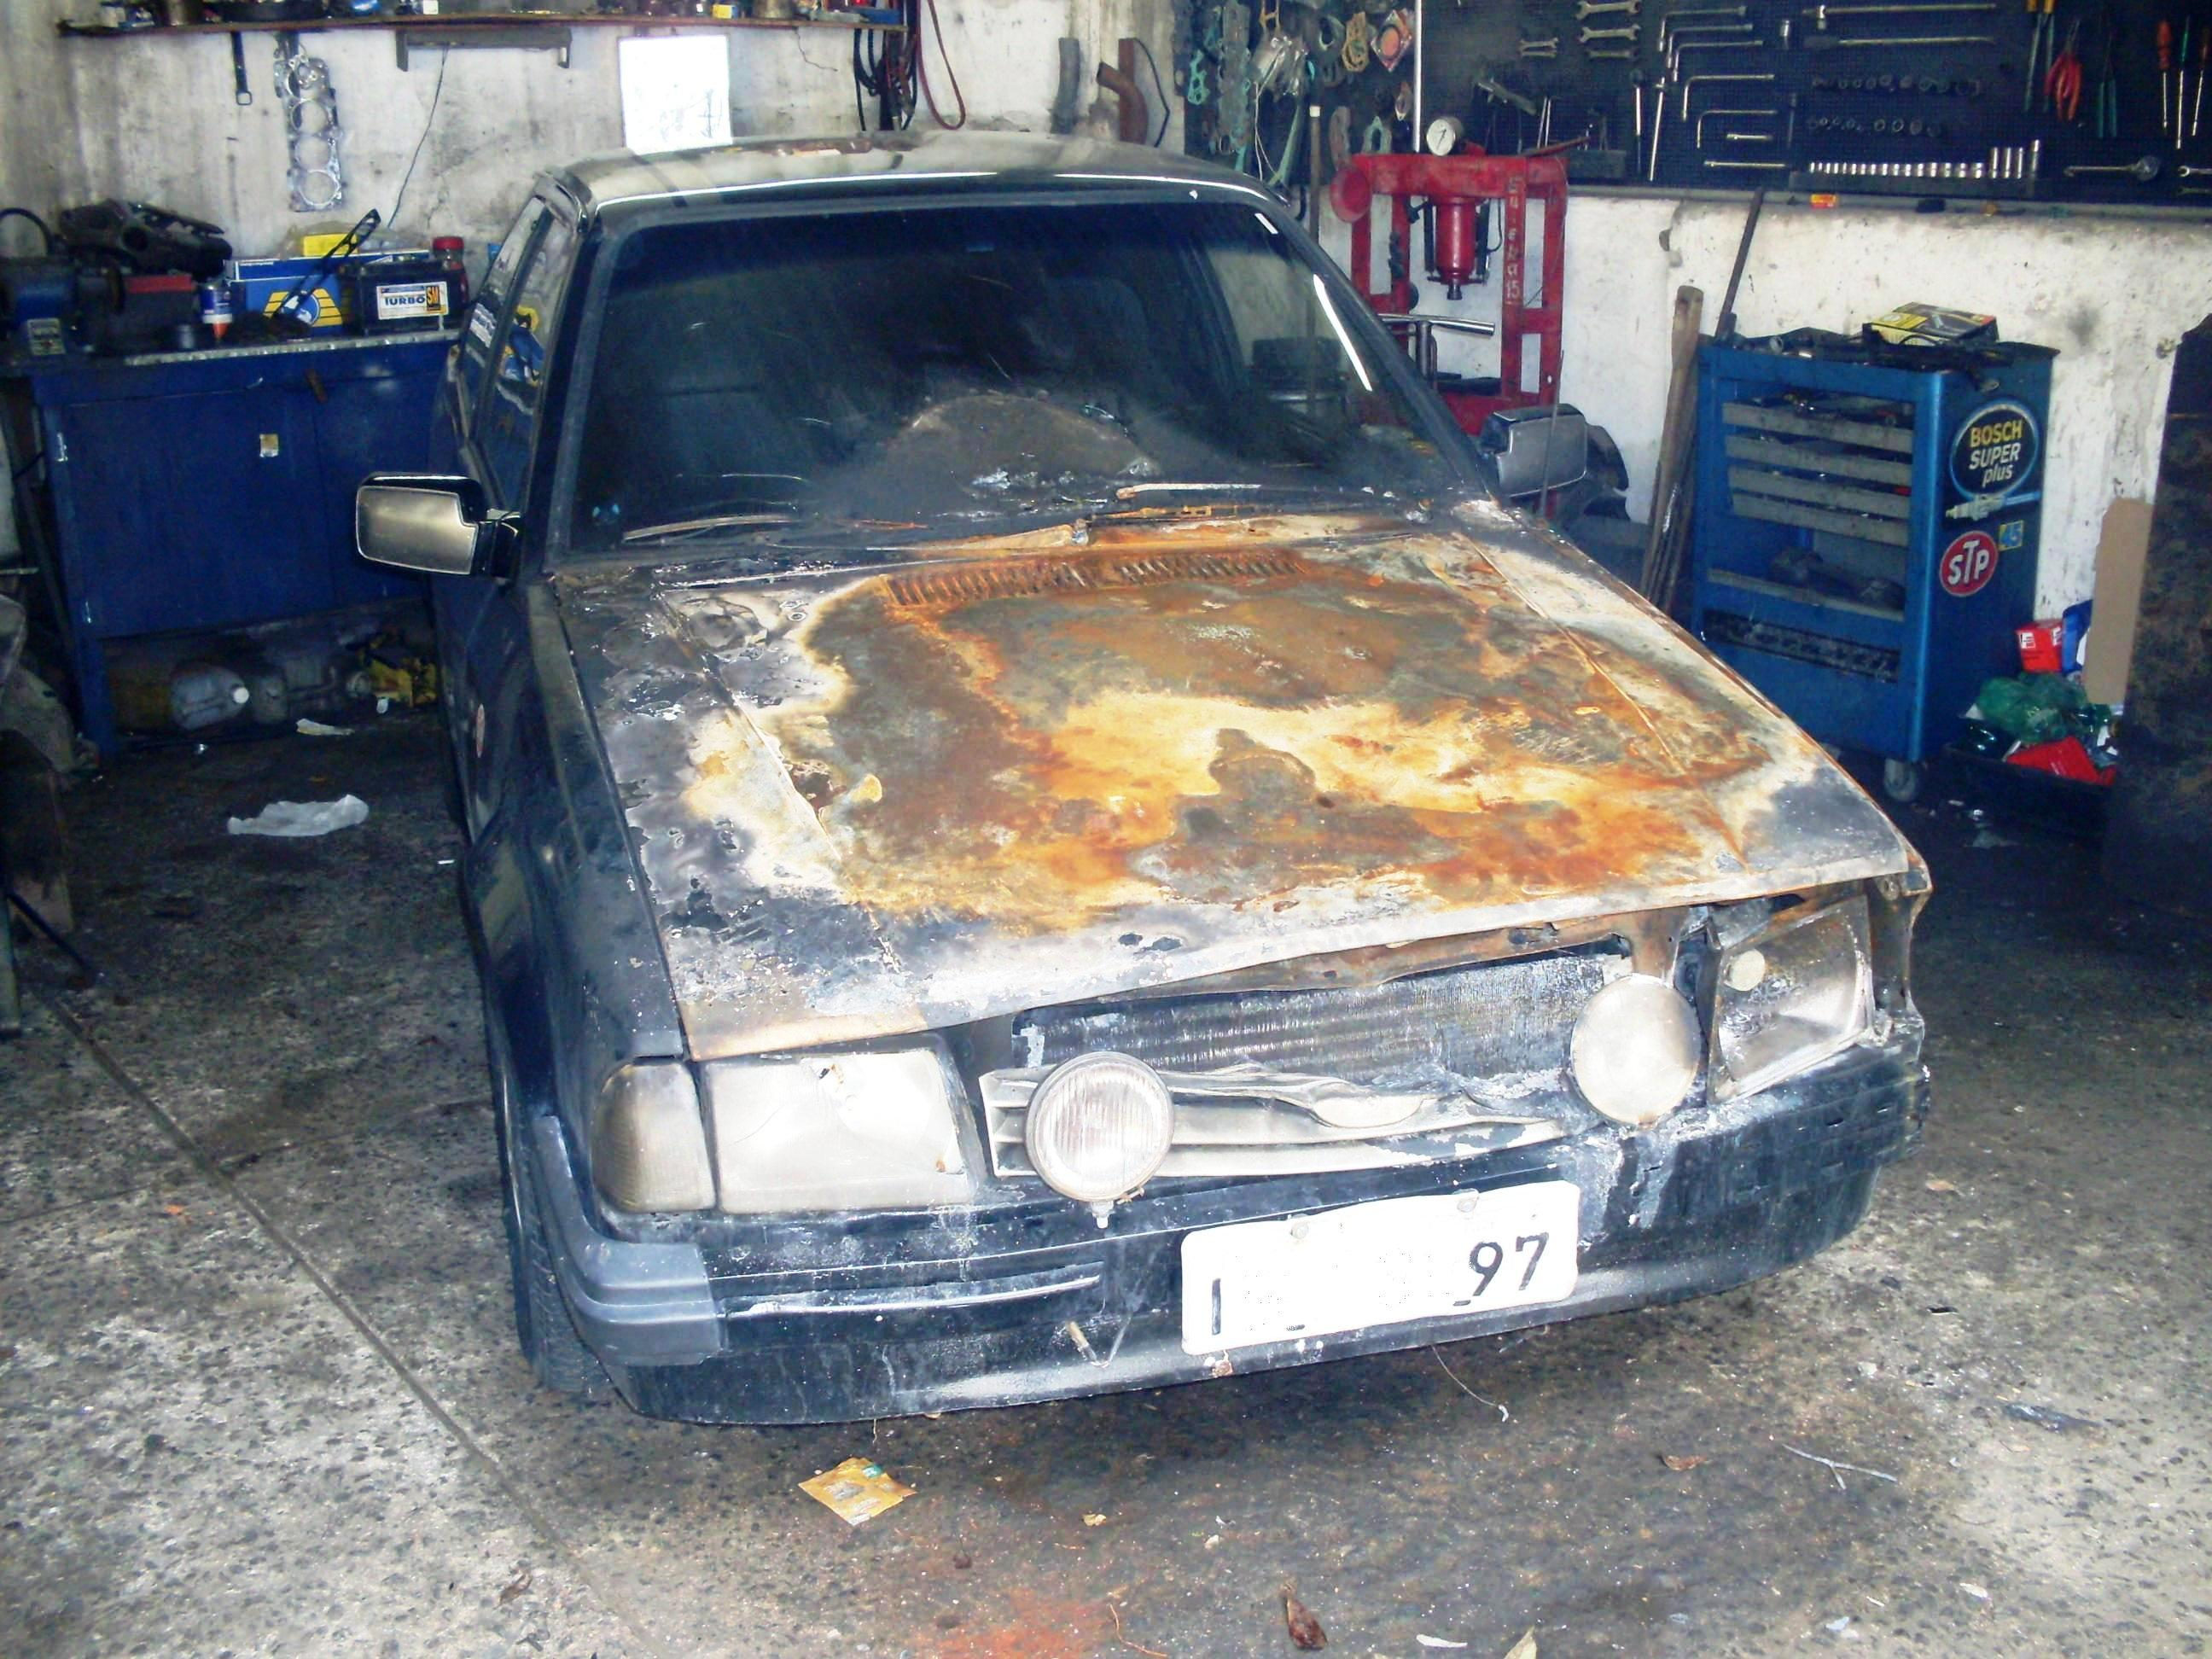 ricardo-fernandes-xr3 Ford Escort XR3